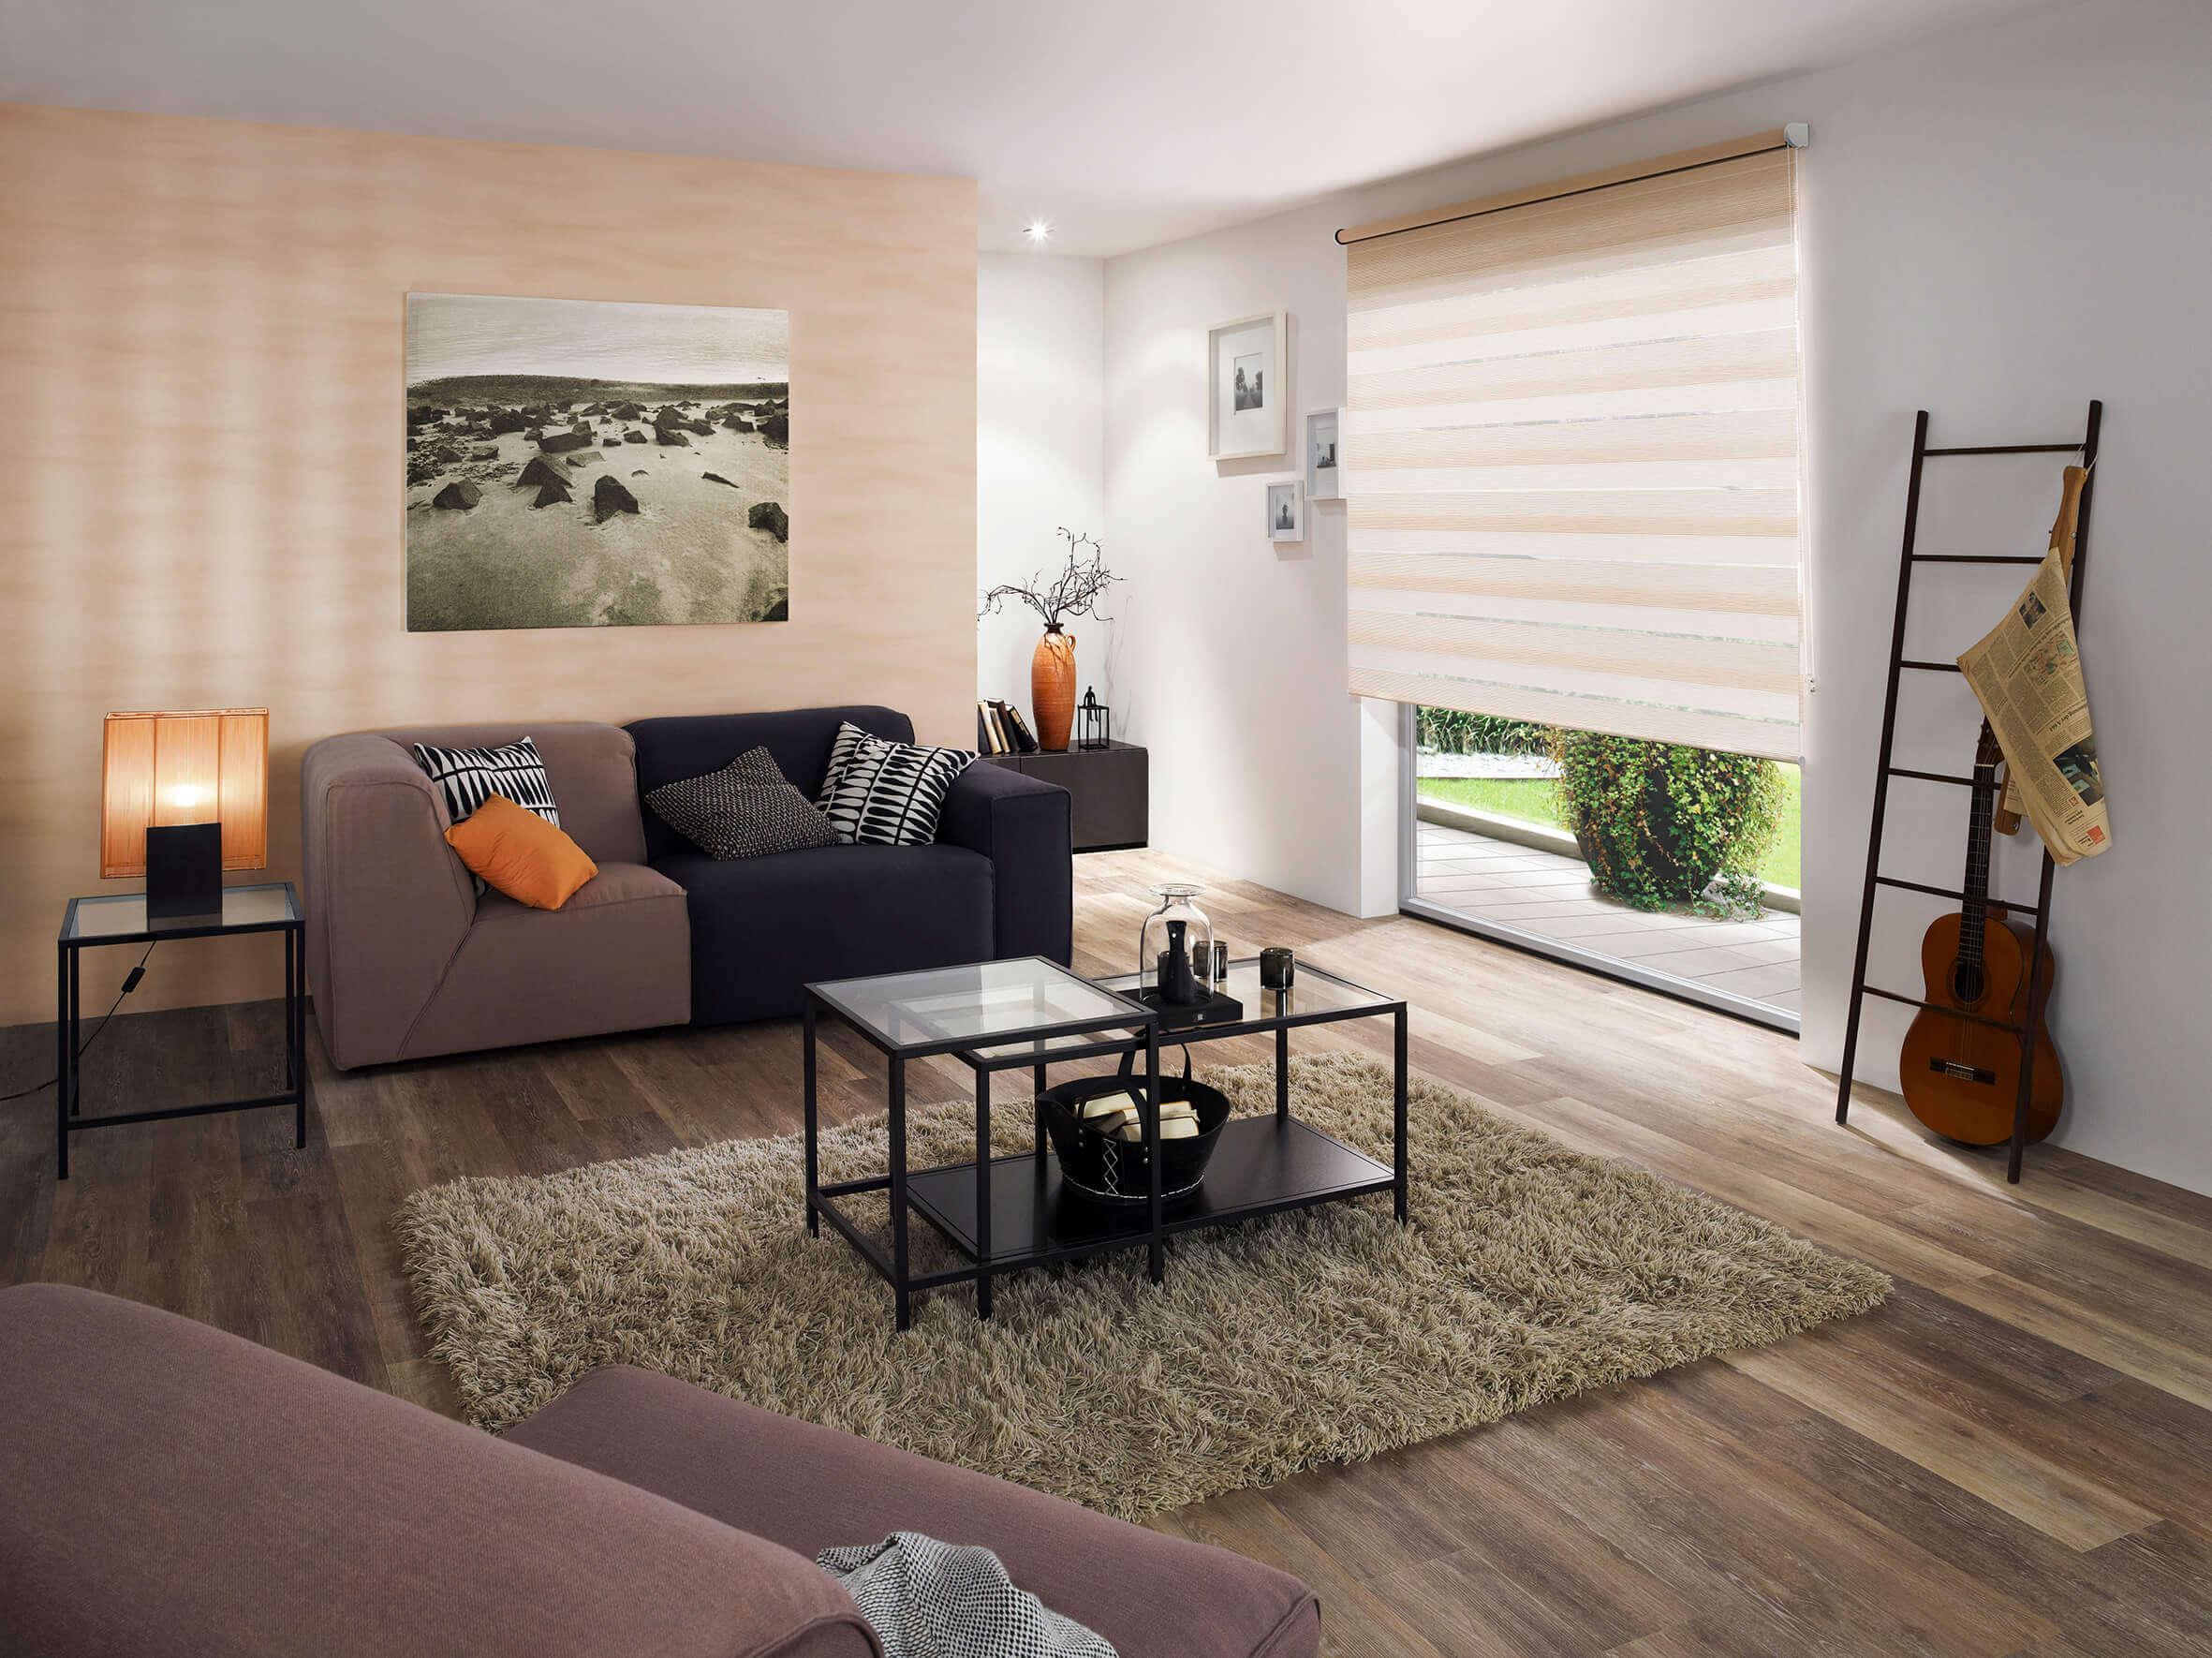 doppelrollo, innenbeschattung, innenrollo, wohnzimmersonnenschutz, blendschutz, sichtschutz, skandi, industrial